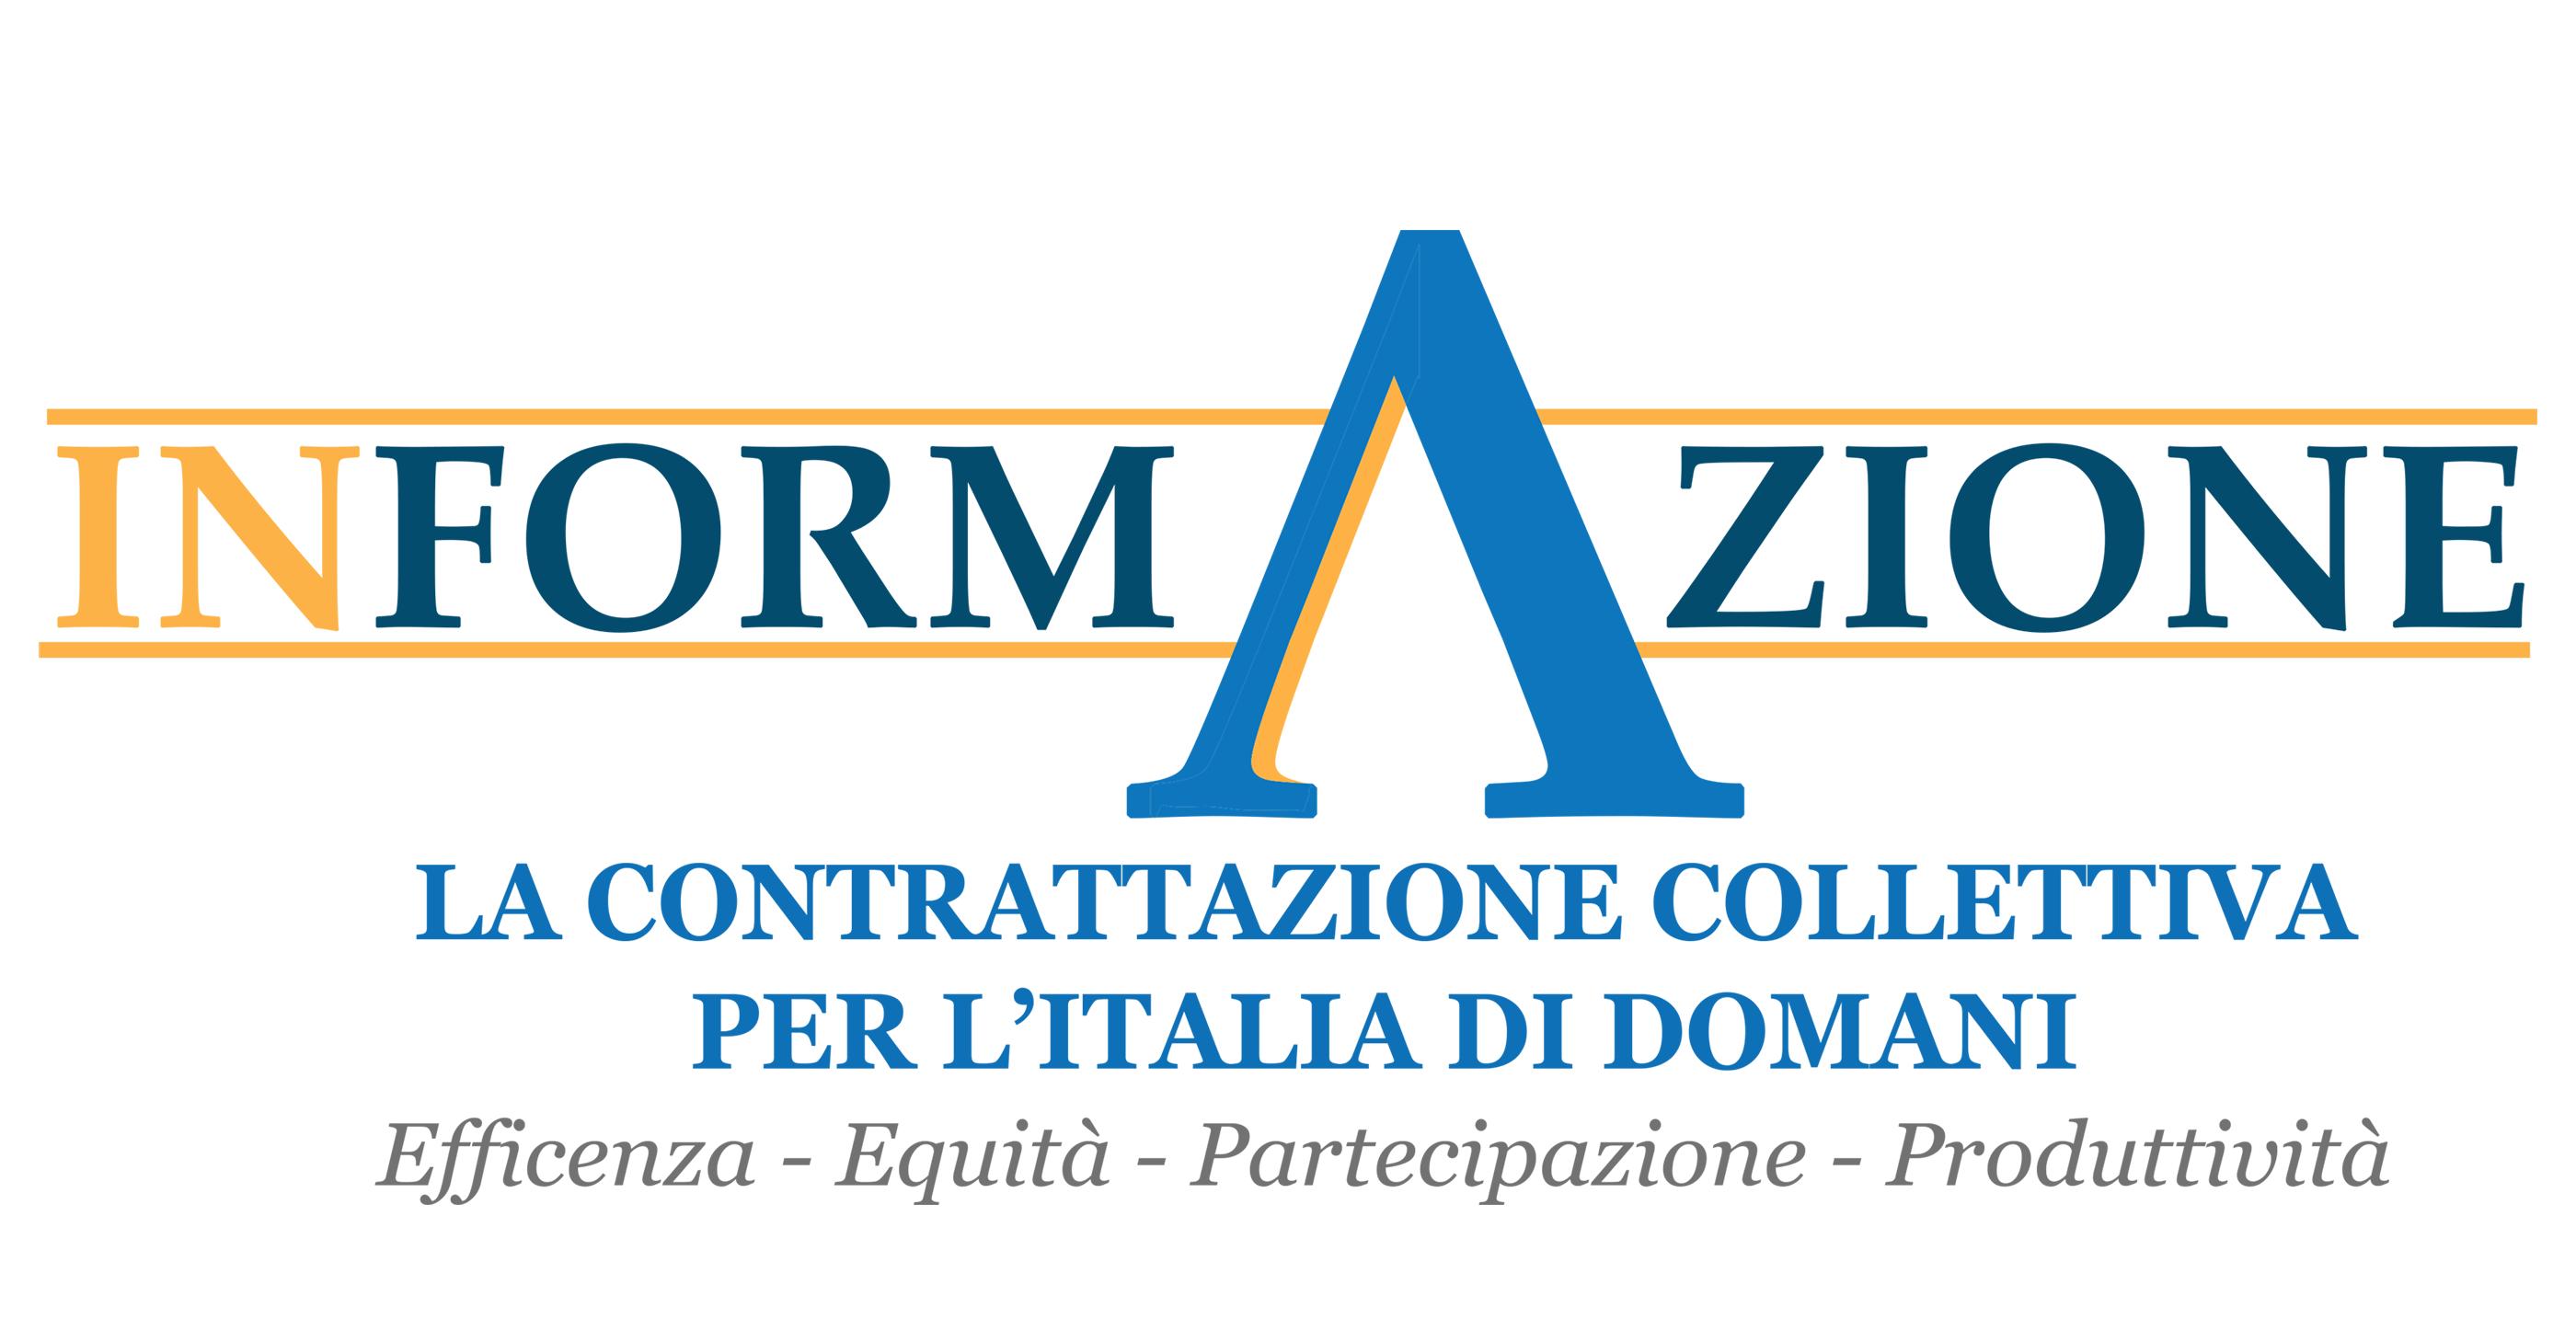 Informazione logo per sito2